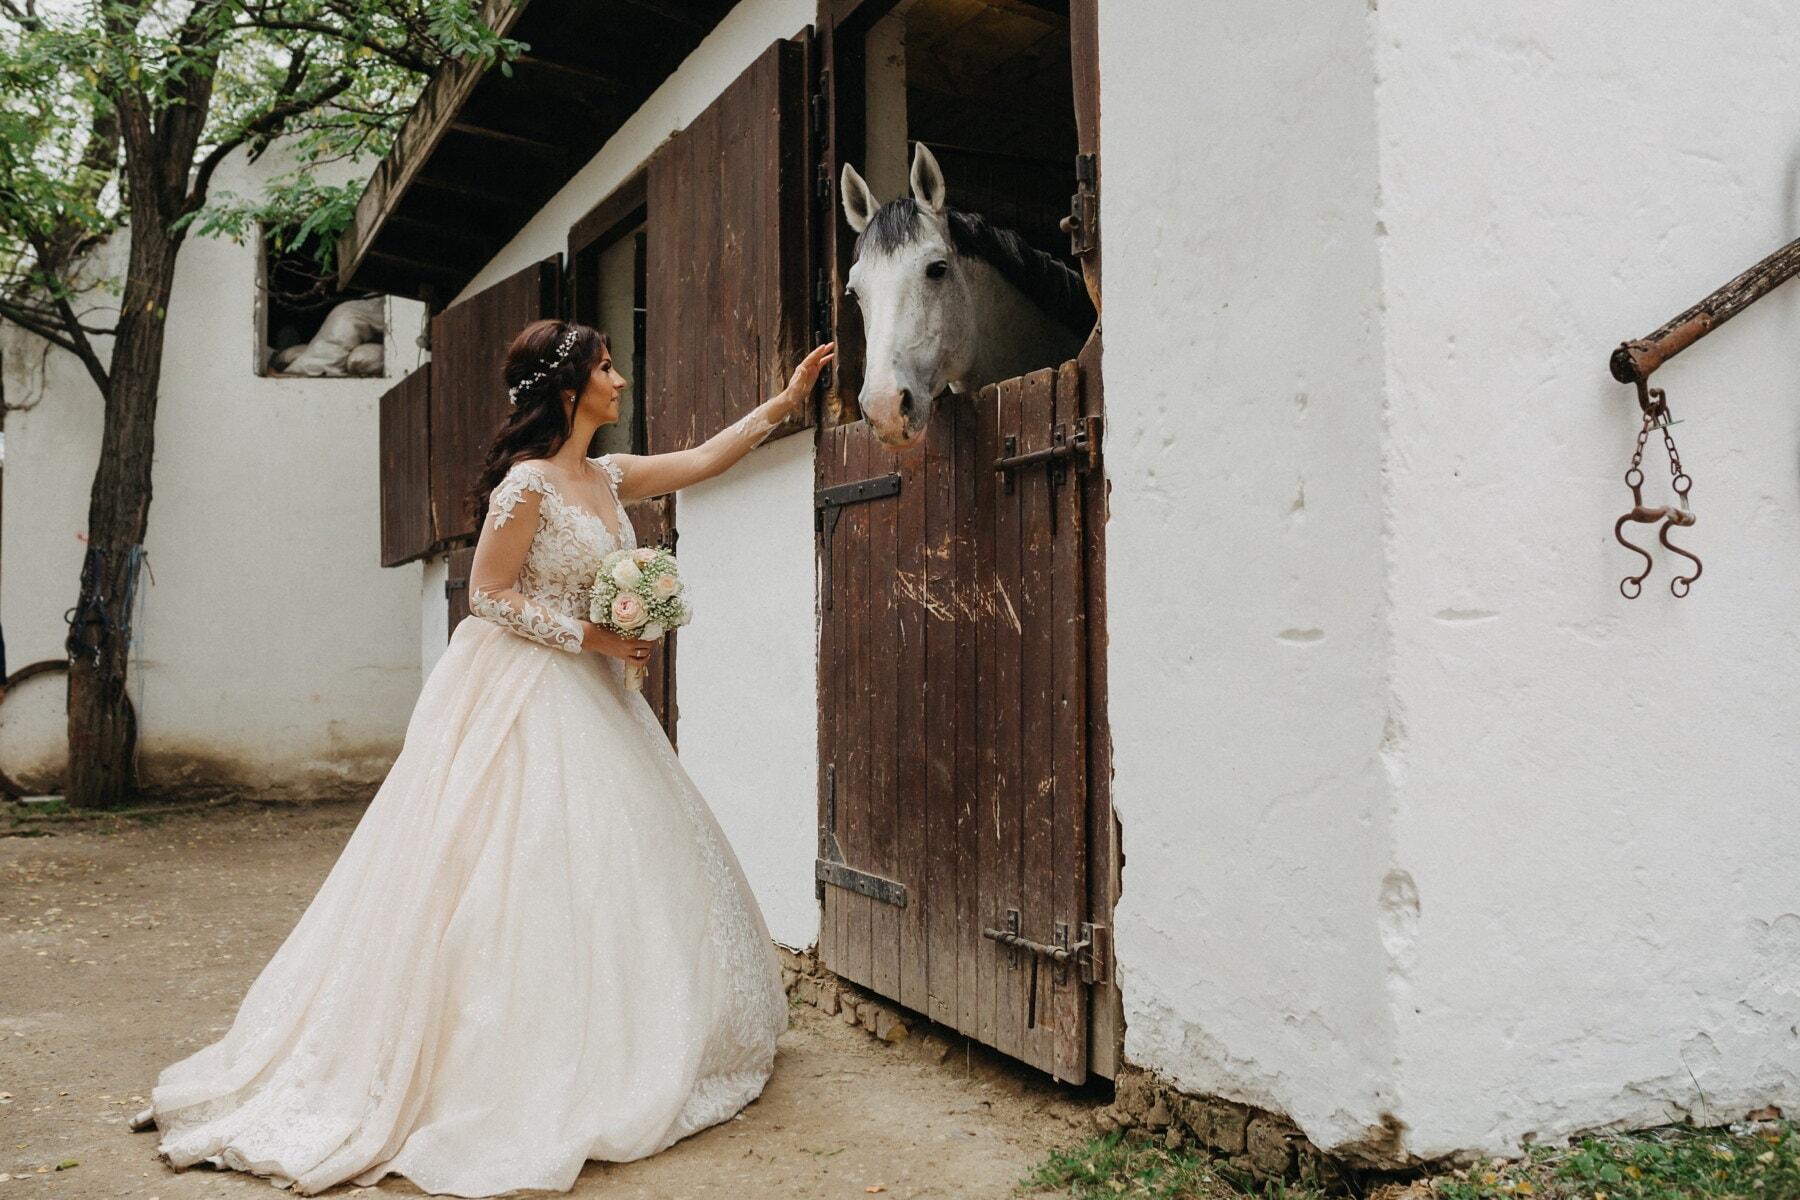 Ranch, Braut, Bauernhaus, Scheune, Pferd, Hochzeitskleid, Dorf, Kleid, Hochzeit, Porträt